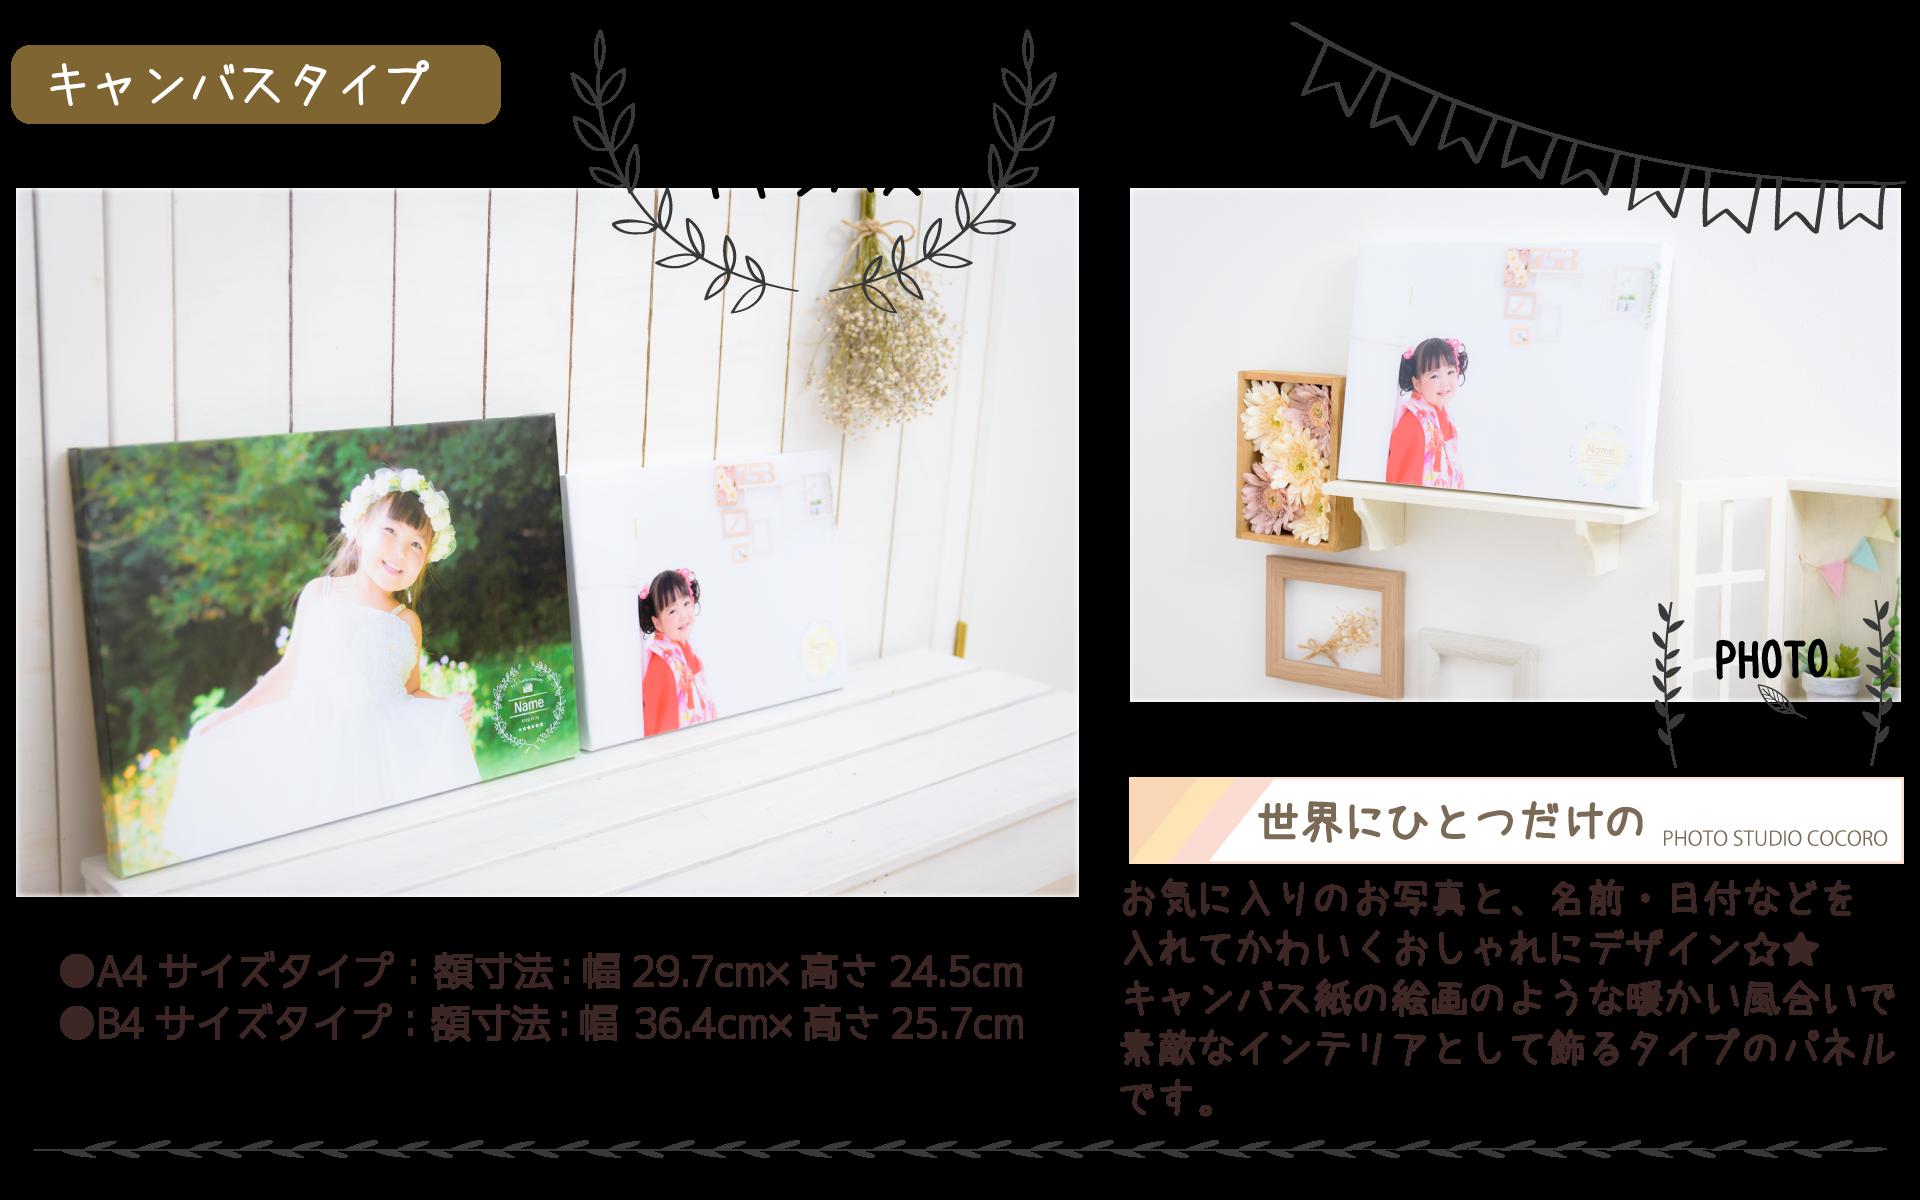 キャンバスタイプ|フォトスタジオこころ|熊本 人吉 球磨 写真館